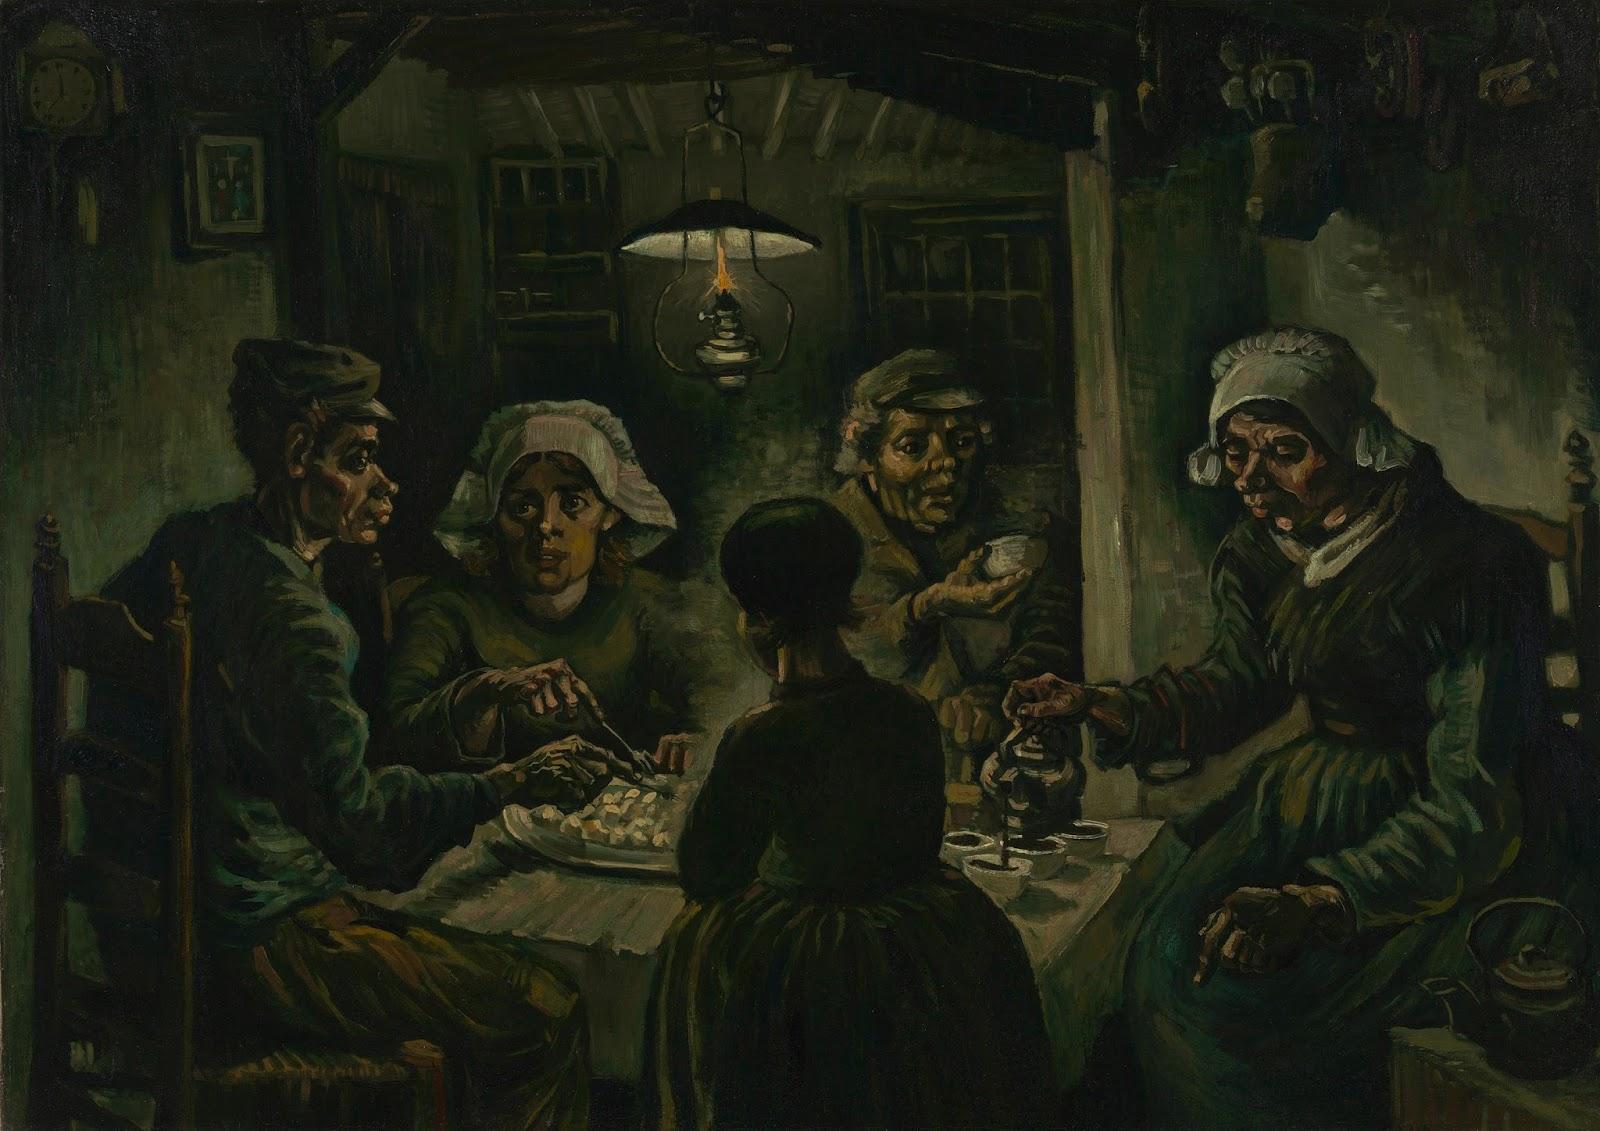 Los comedores de patatas de Vincent Van Gogh   Harte con Hache